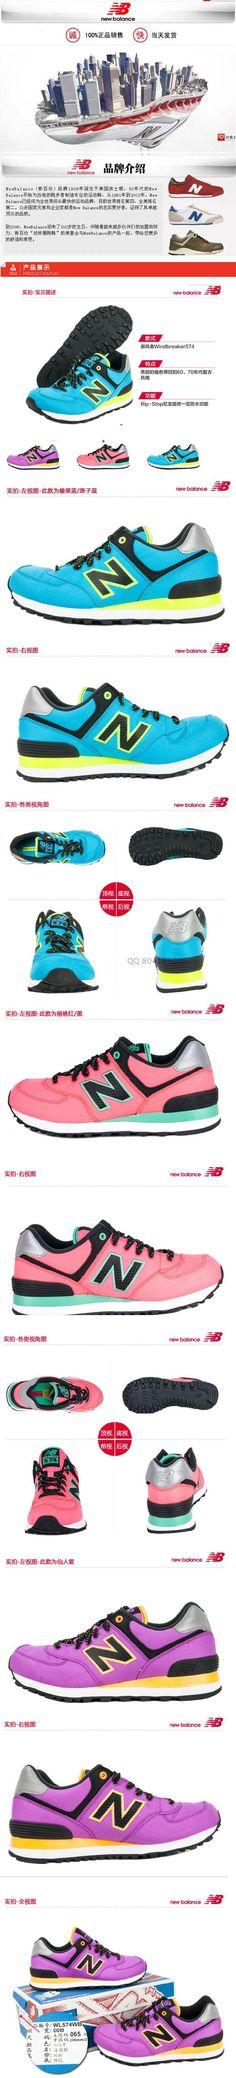 2013 nuevos / Balance Zapatos New Balance 574 zapatillas lenta formación series genuina nylon transpirable párrafo